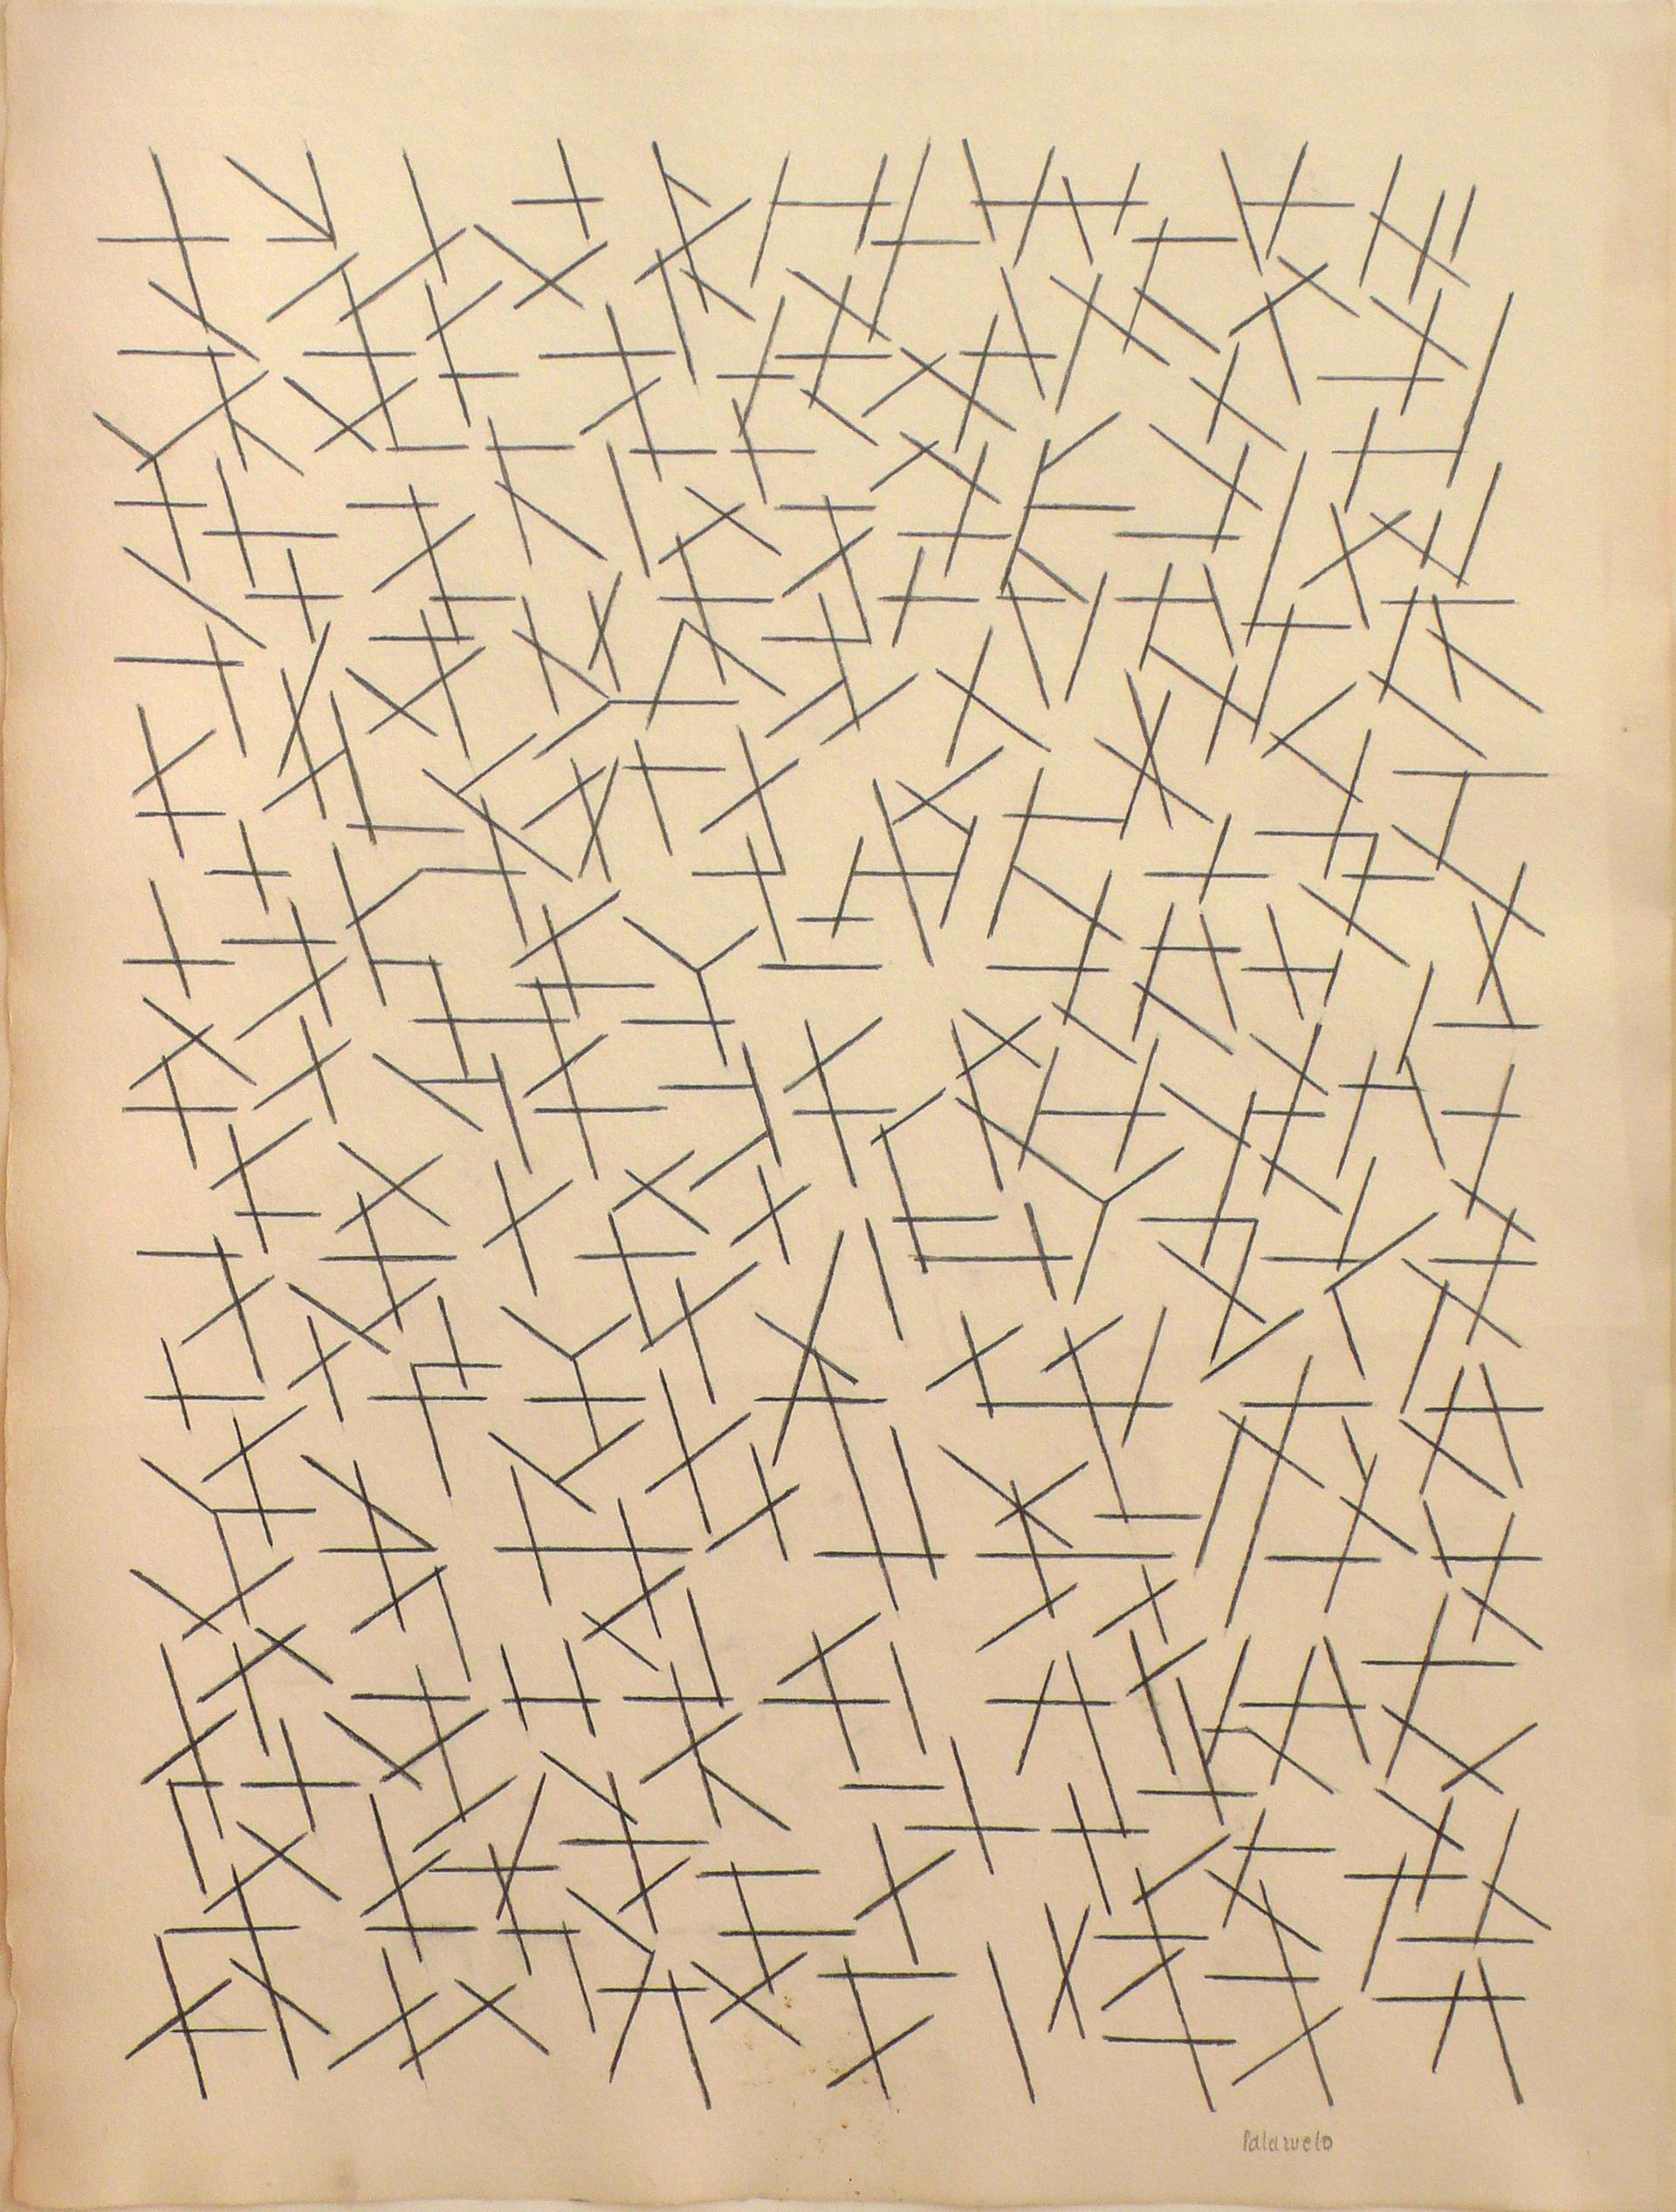 """Dibujo """"Septiembre nº3"""" de Pablo Palazuelo. Lapiz sobre papel. 1991"""